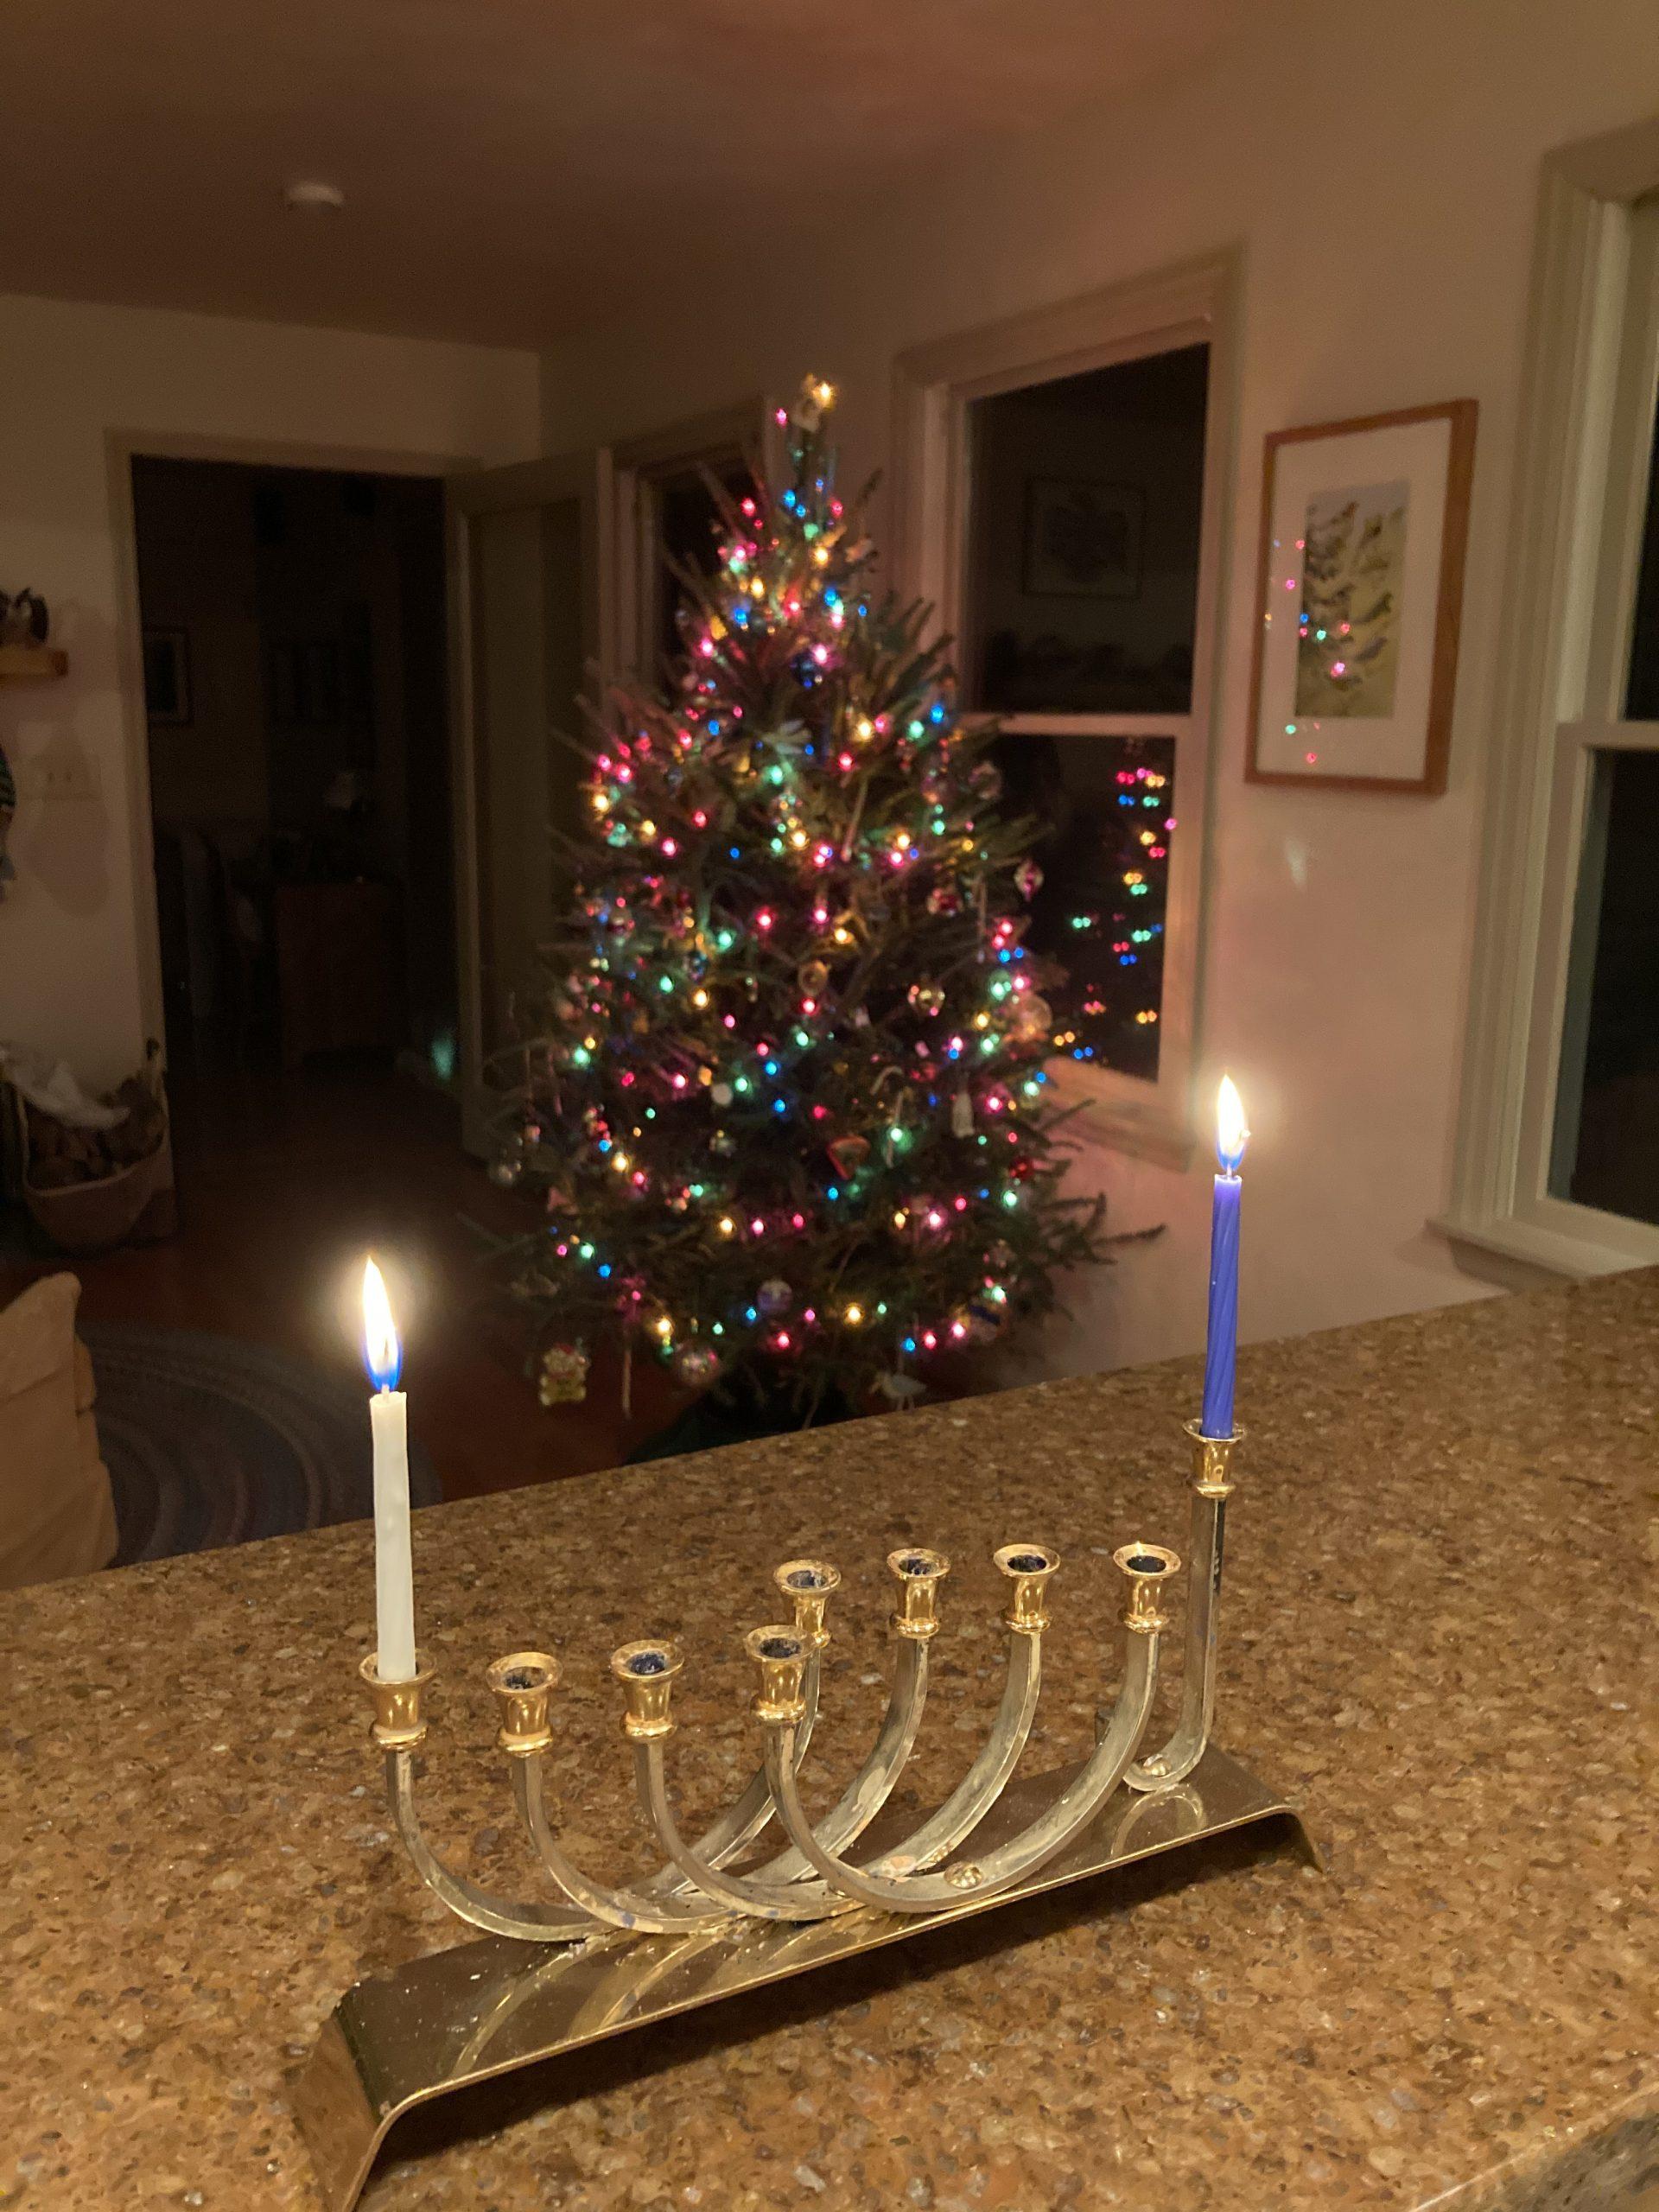 Menorah and Christmas Tree, by David B. Coe